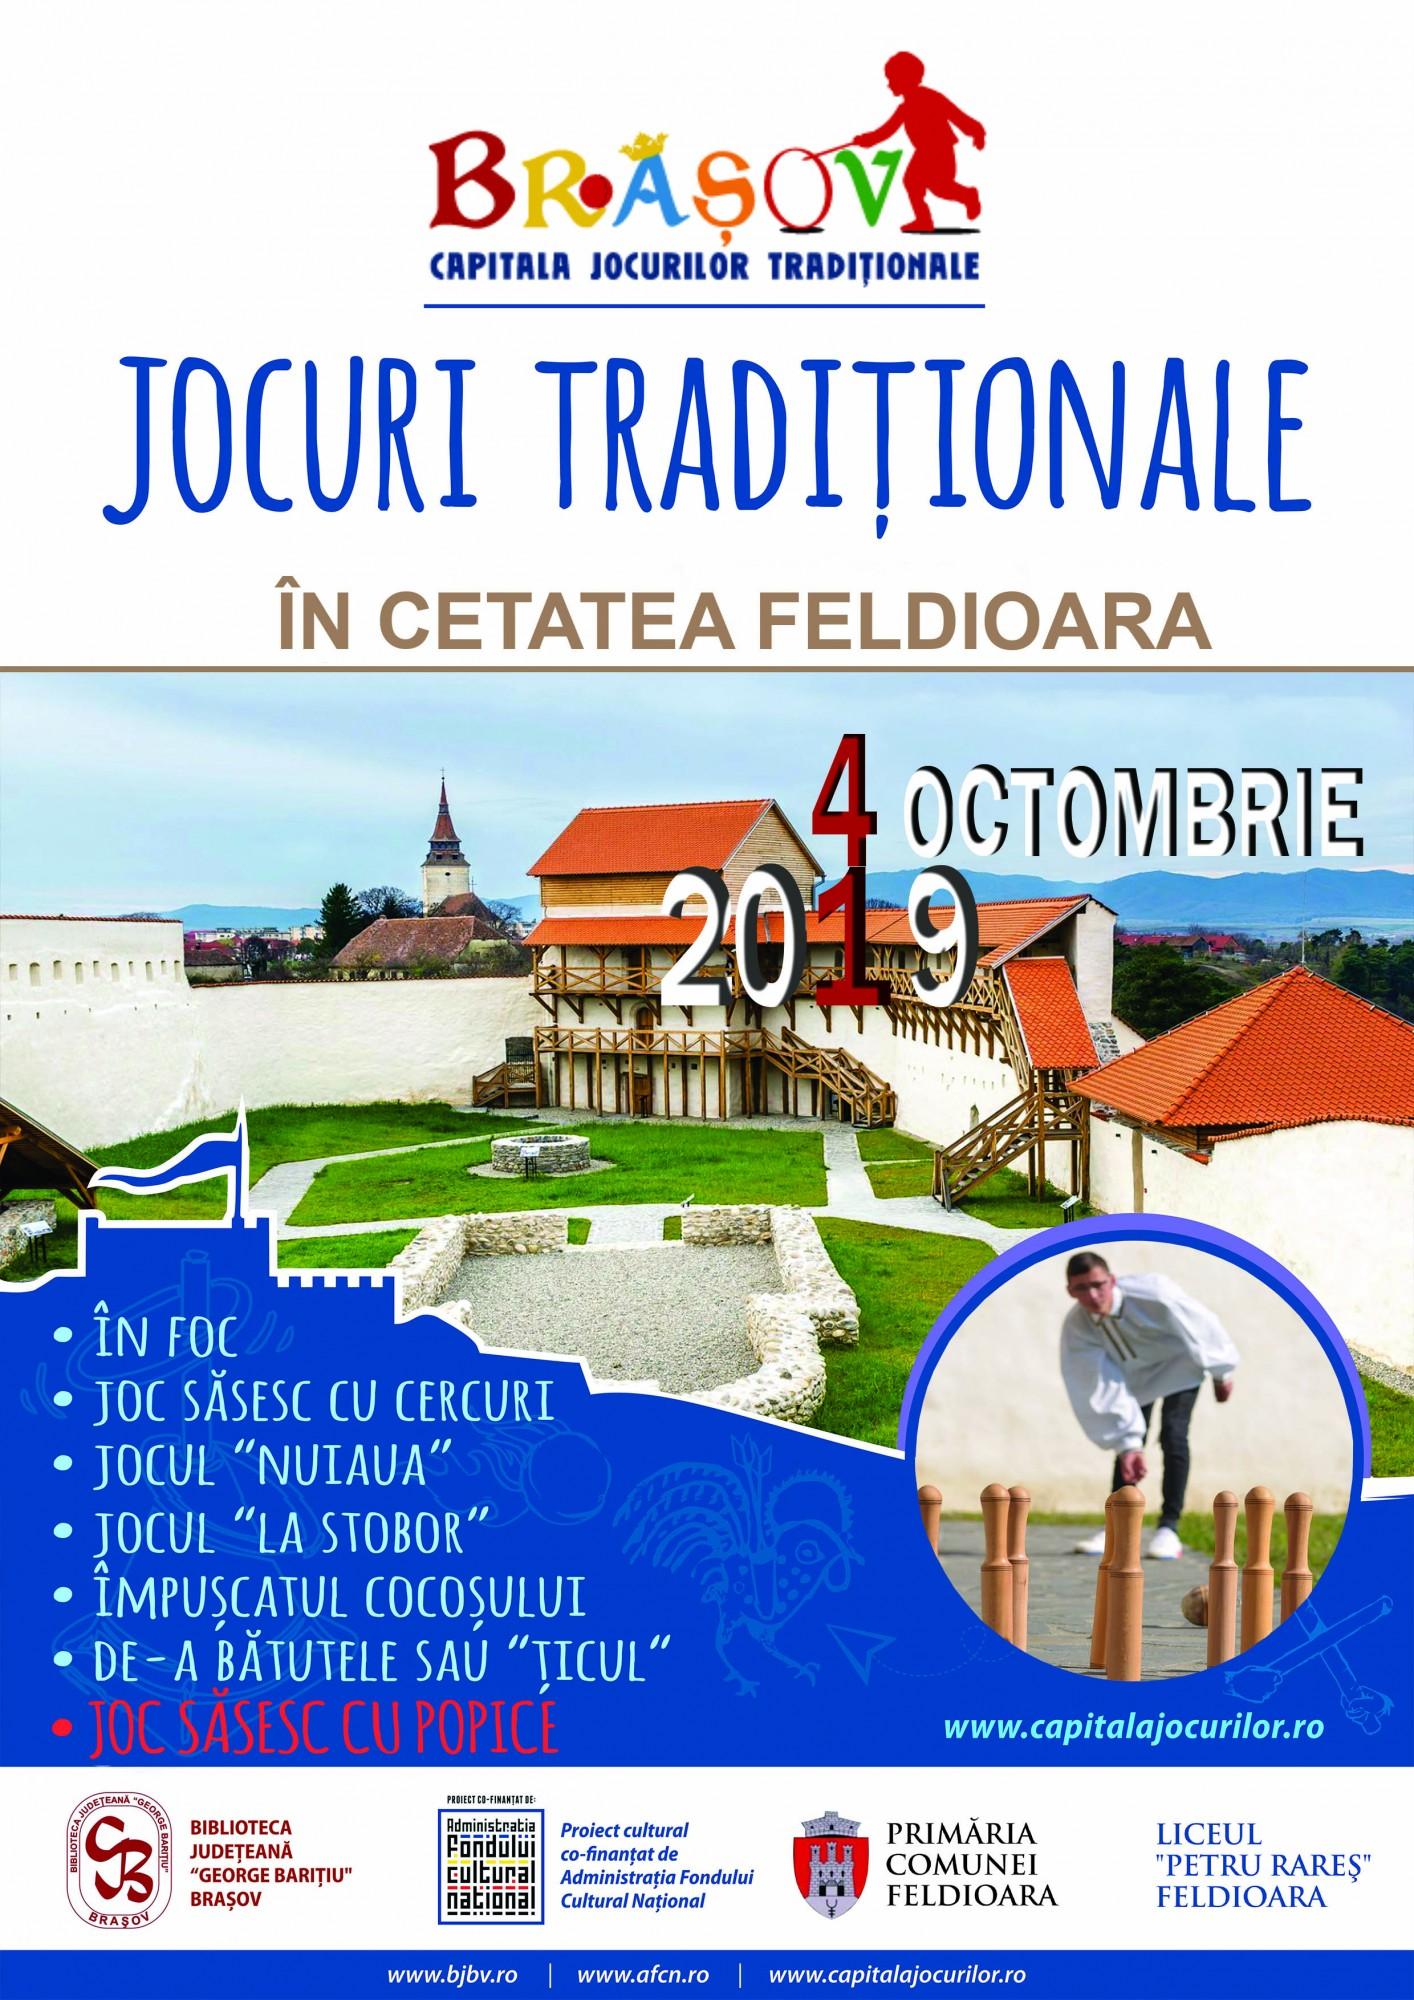 jocuri-traditionale-afis-a3-feldioara50